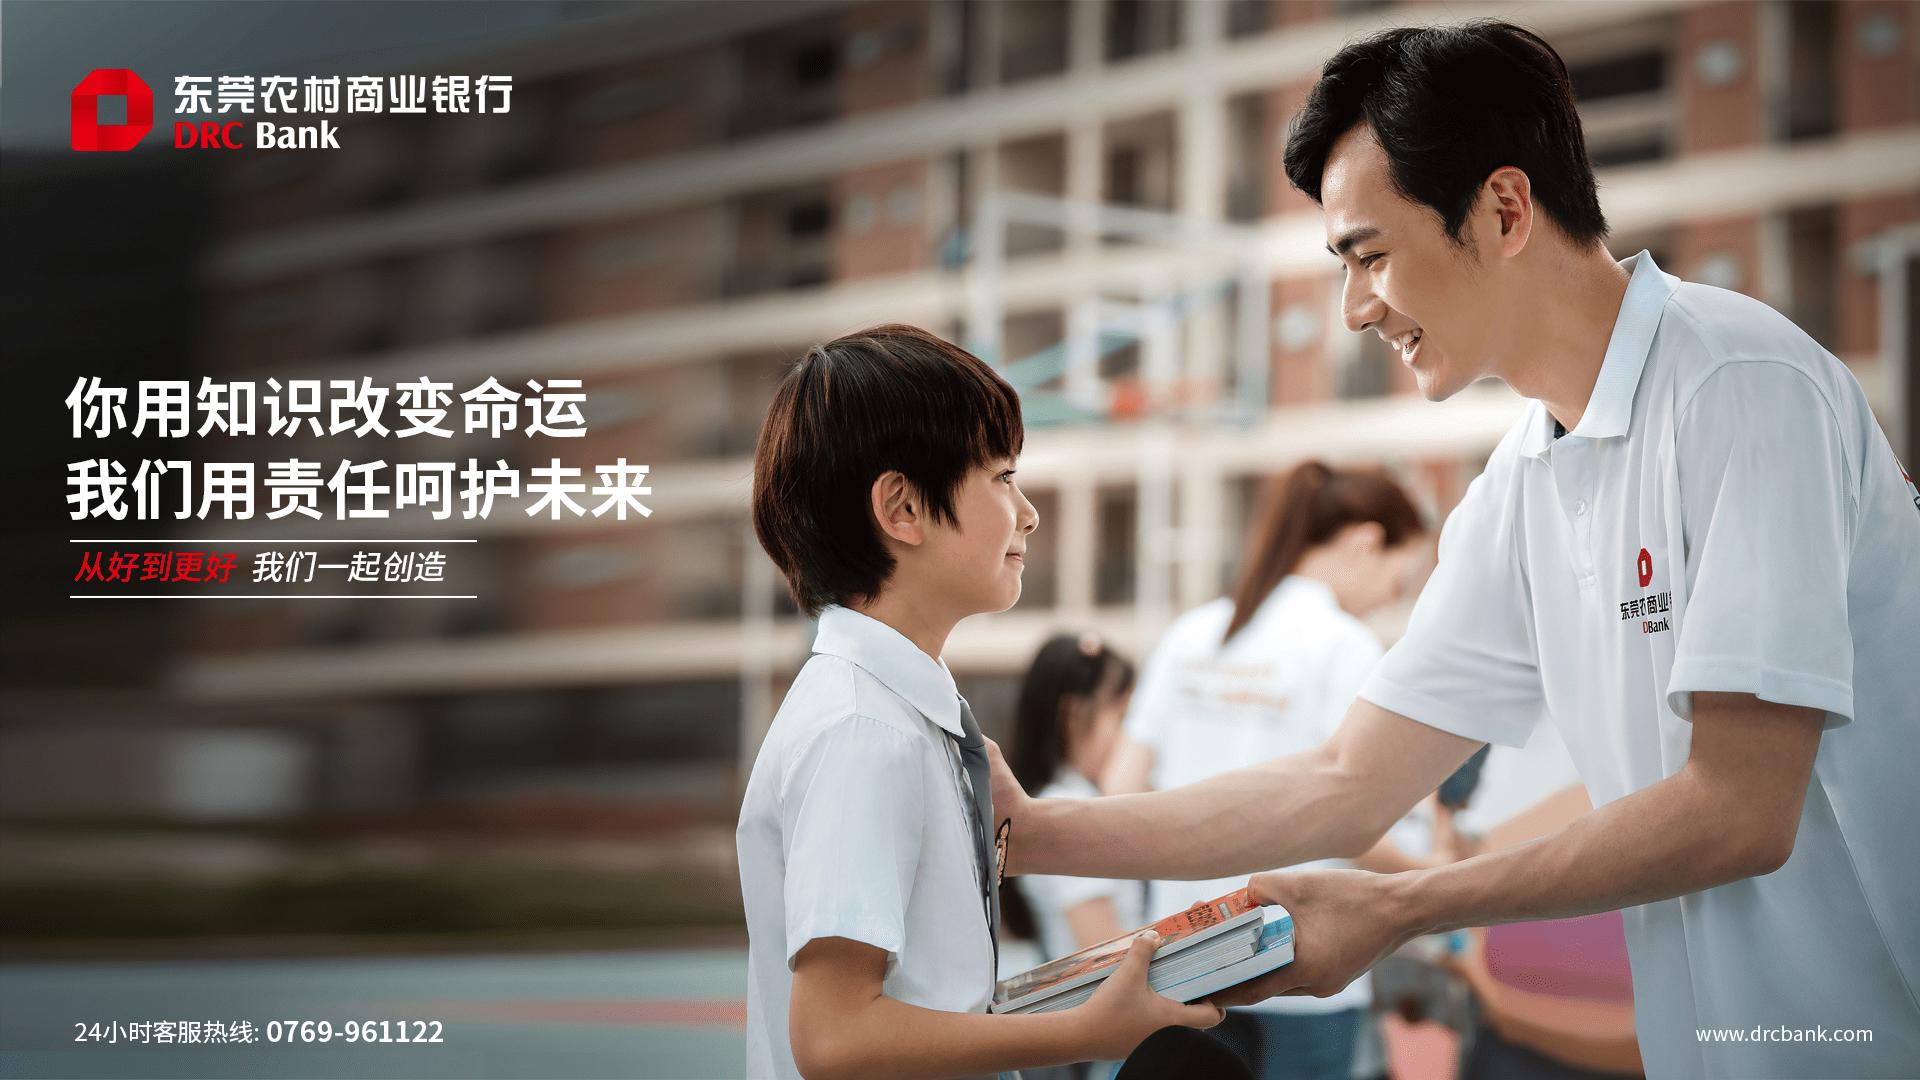 """东莞农商银行招股中:背靠""""大湾区""""展现十足竞争力"""